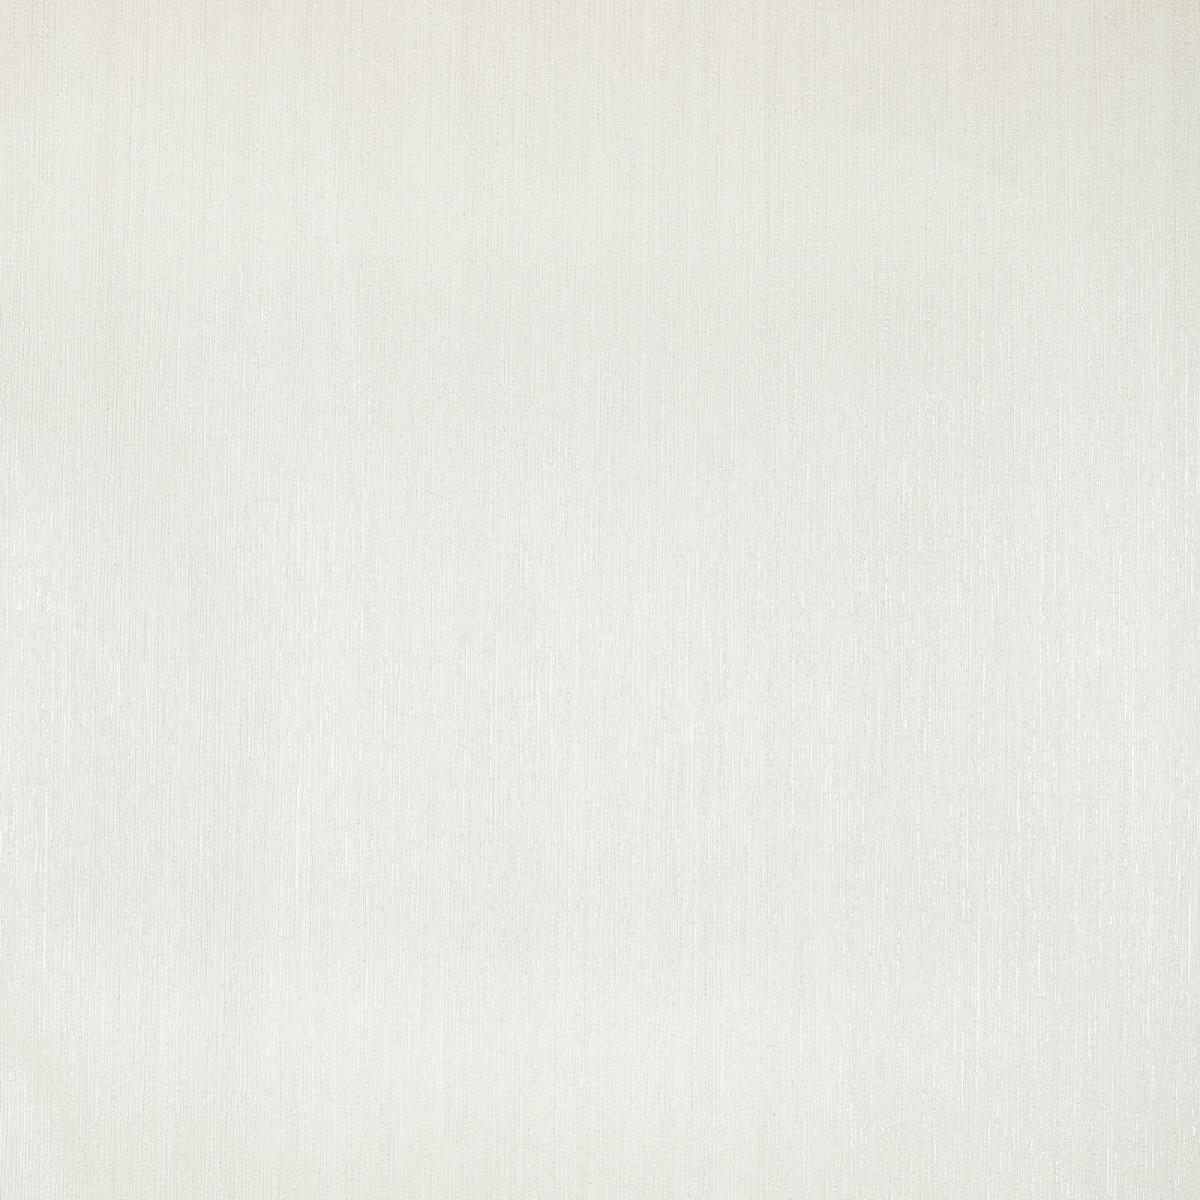 Обои флизелиновые Seela Adoro/Toledo (Seela) белые 1.06 м 7508-1